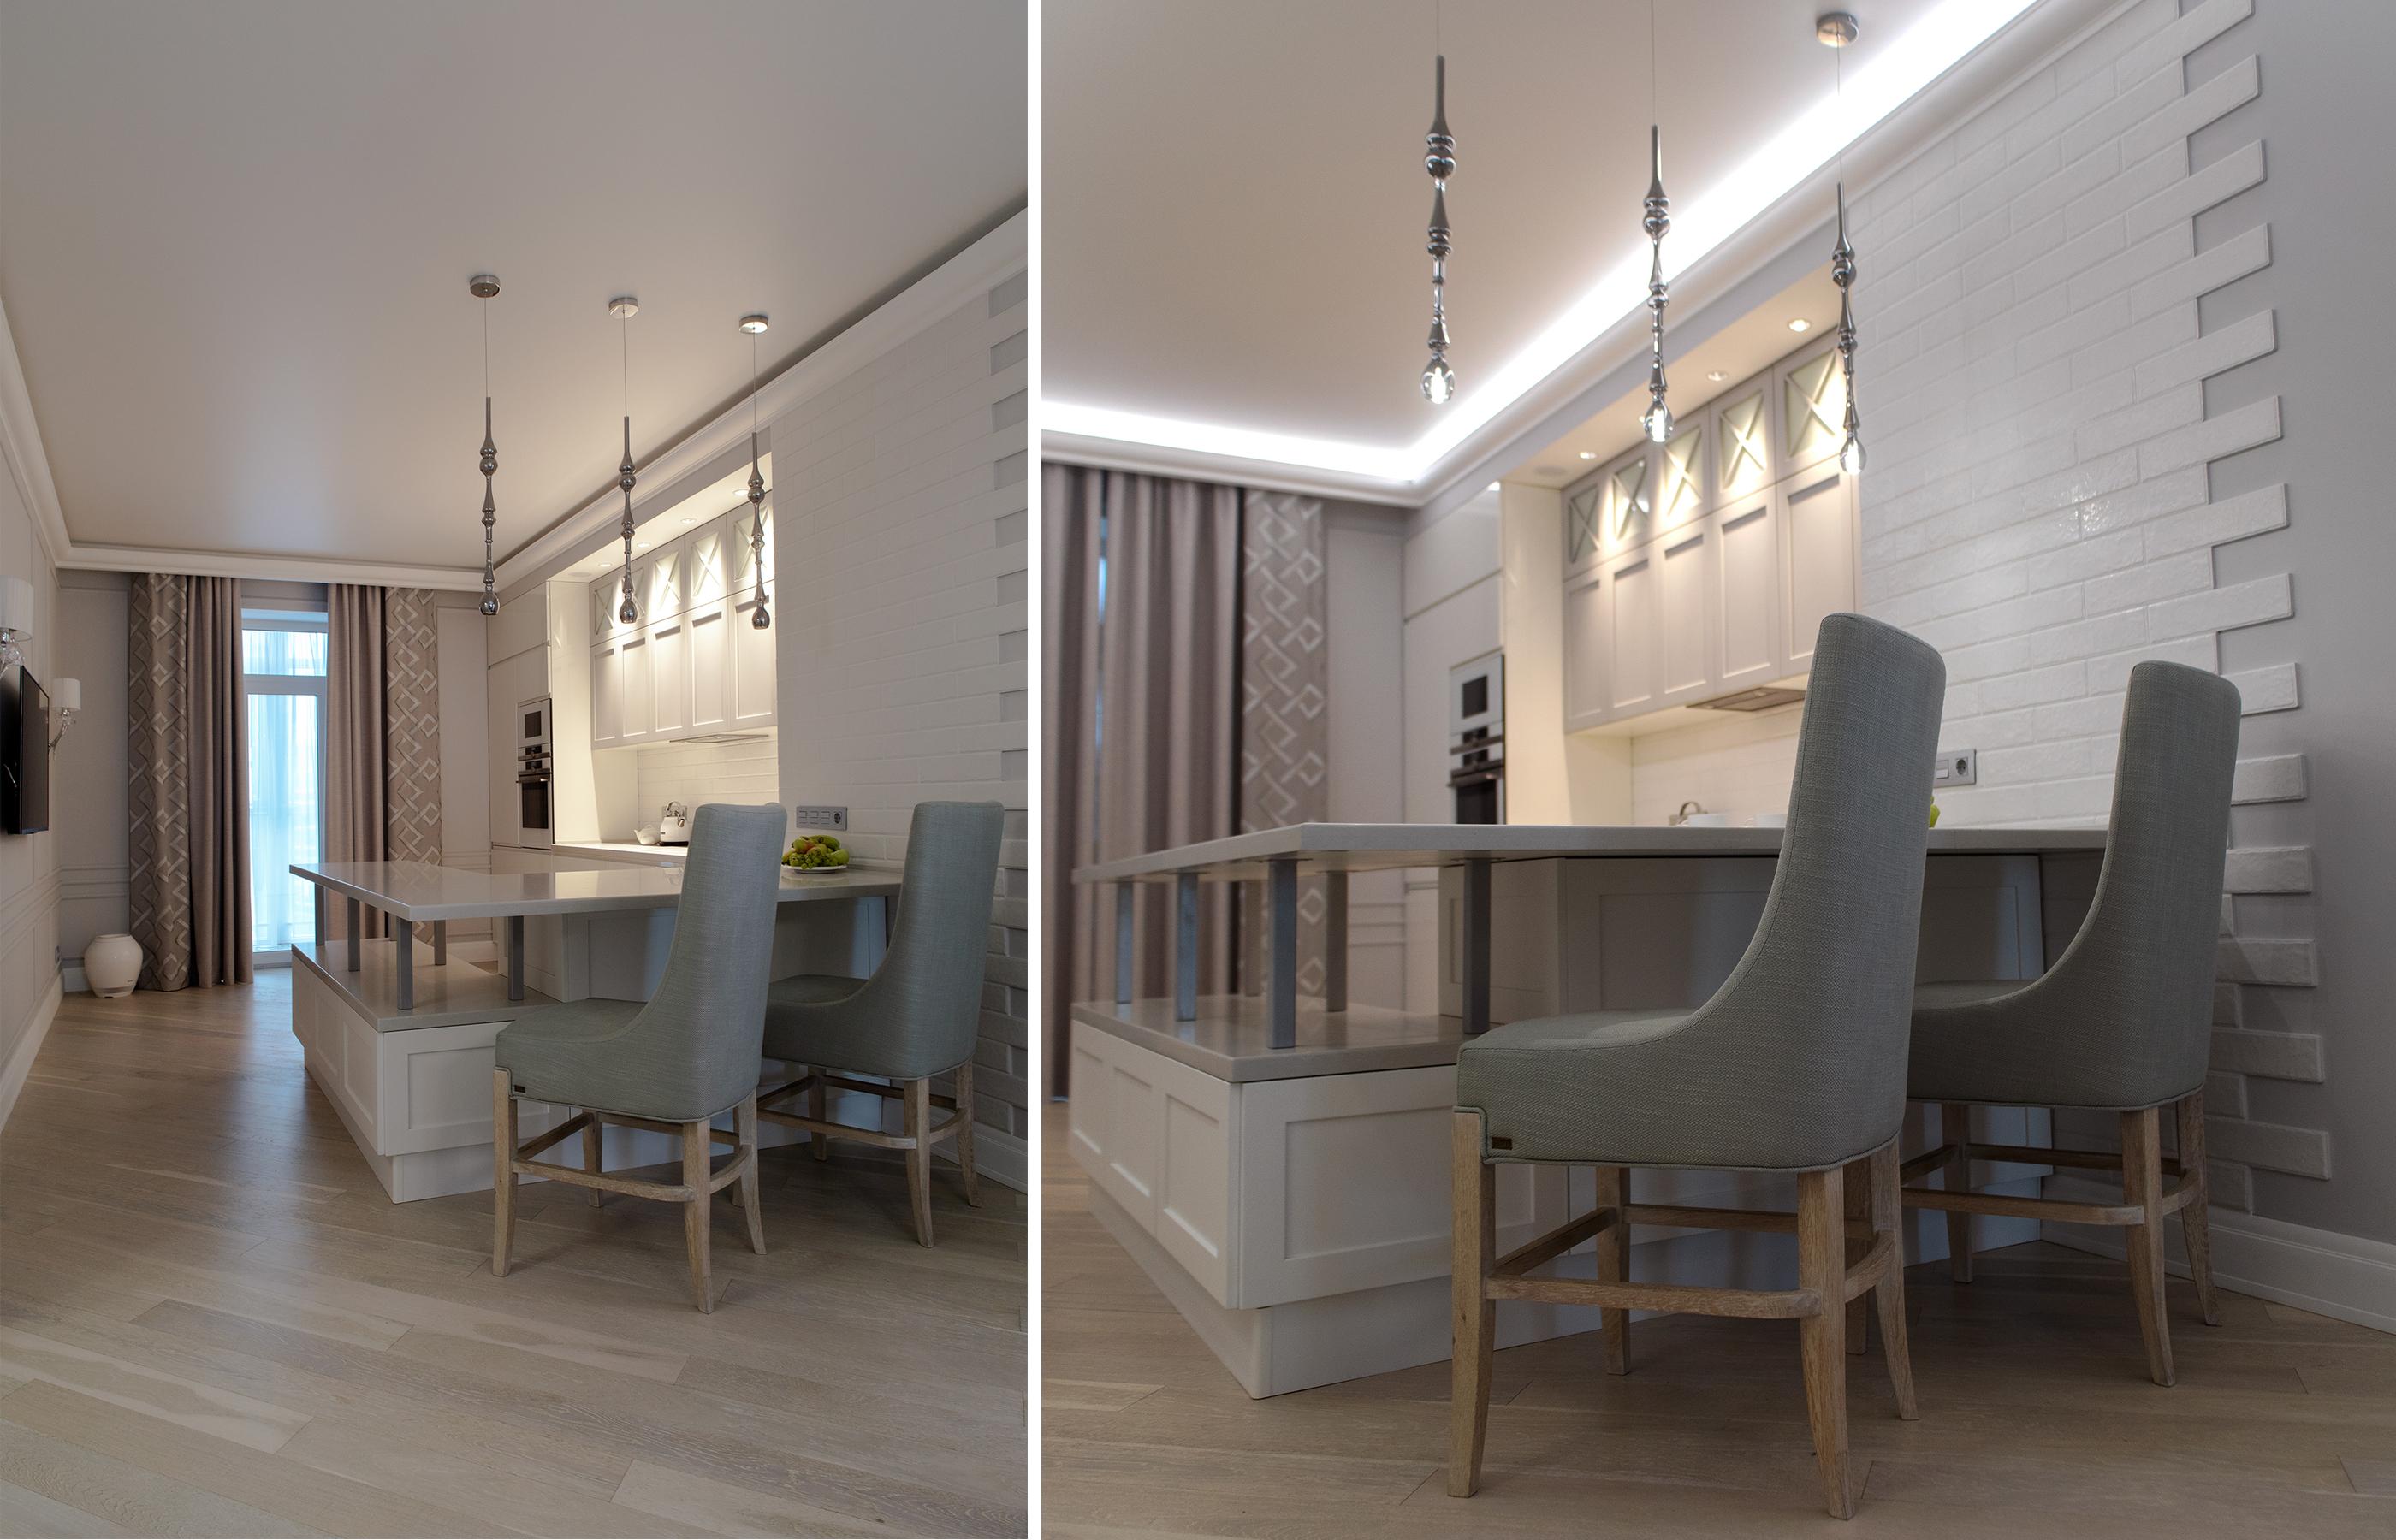 Светильники сложной формы из дымчато-серебристого стекла элегантно дополняют сдержанный интерьер кухни украшением